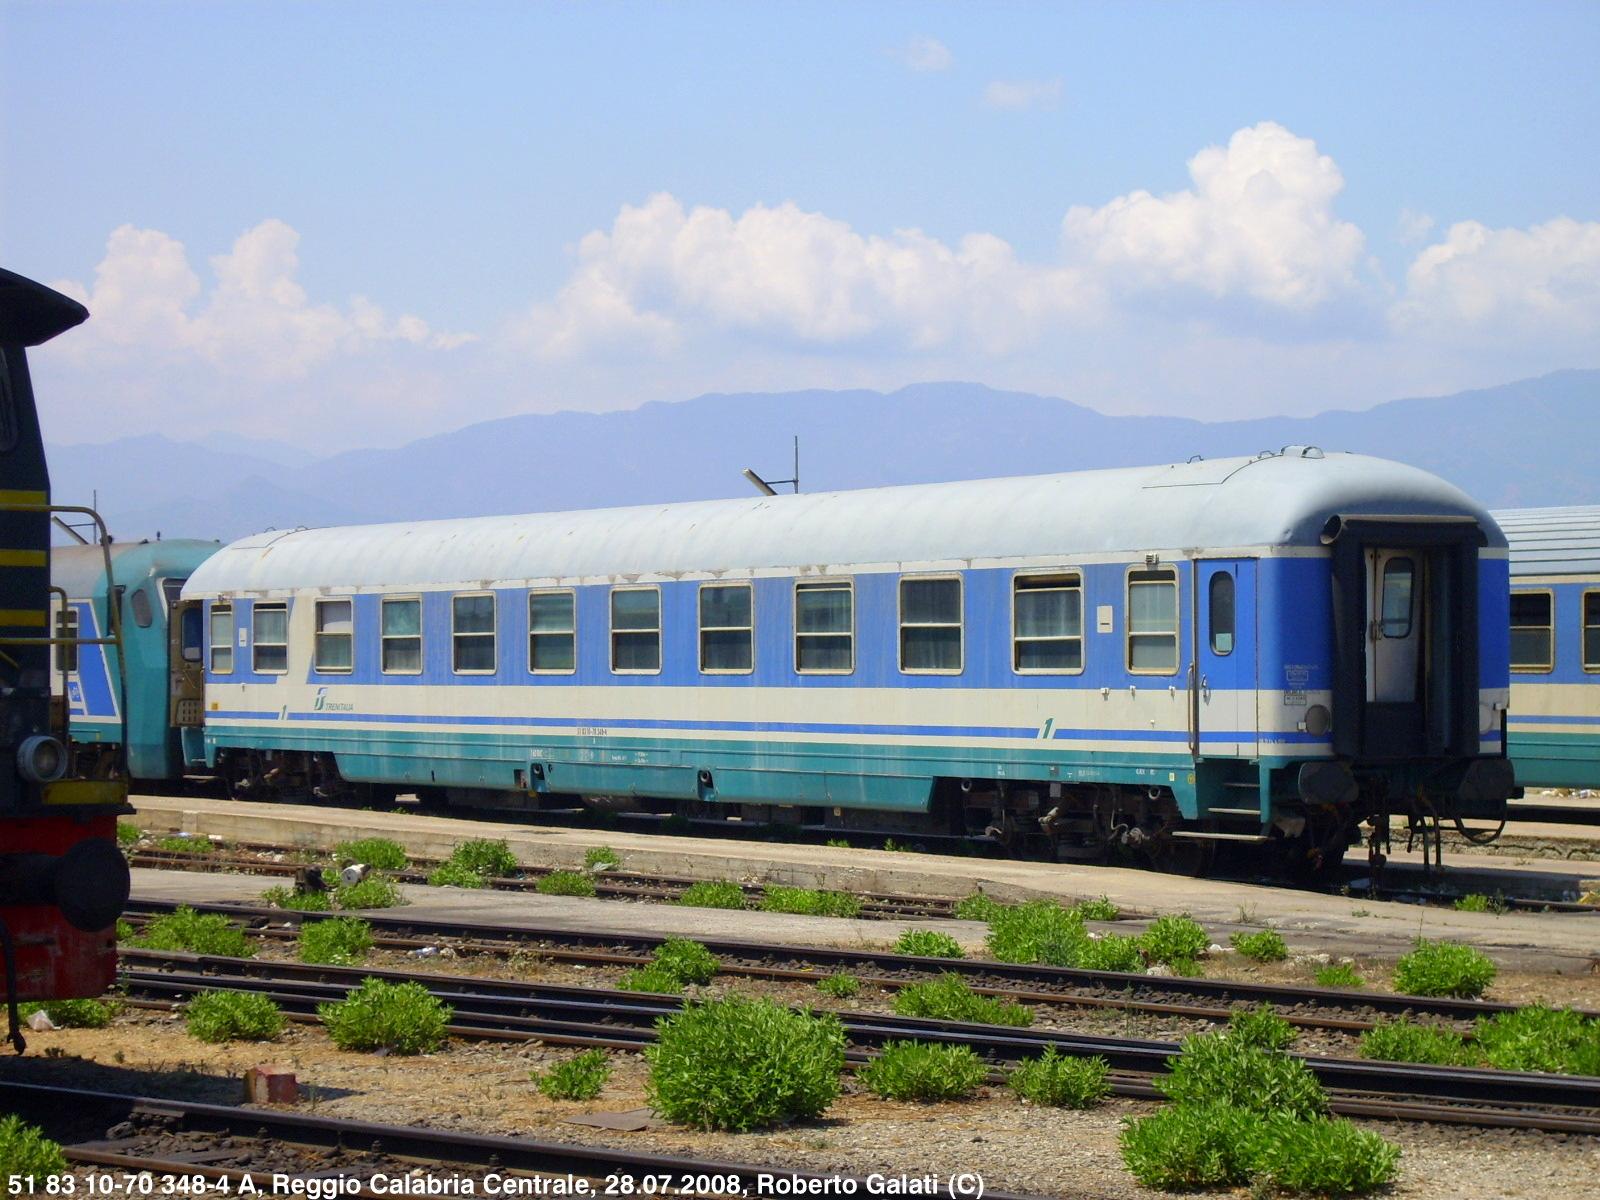 Carrozza Letto Excelsior : Ferrovie in calabria : treni notte: un po di luce su carrozze e